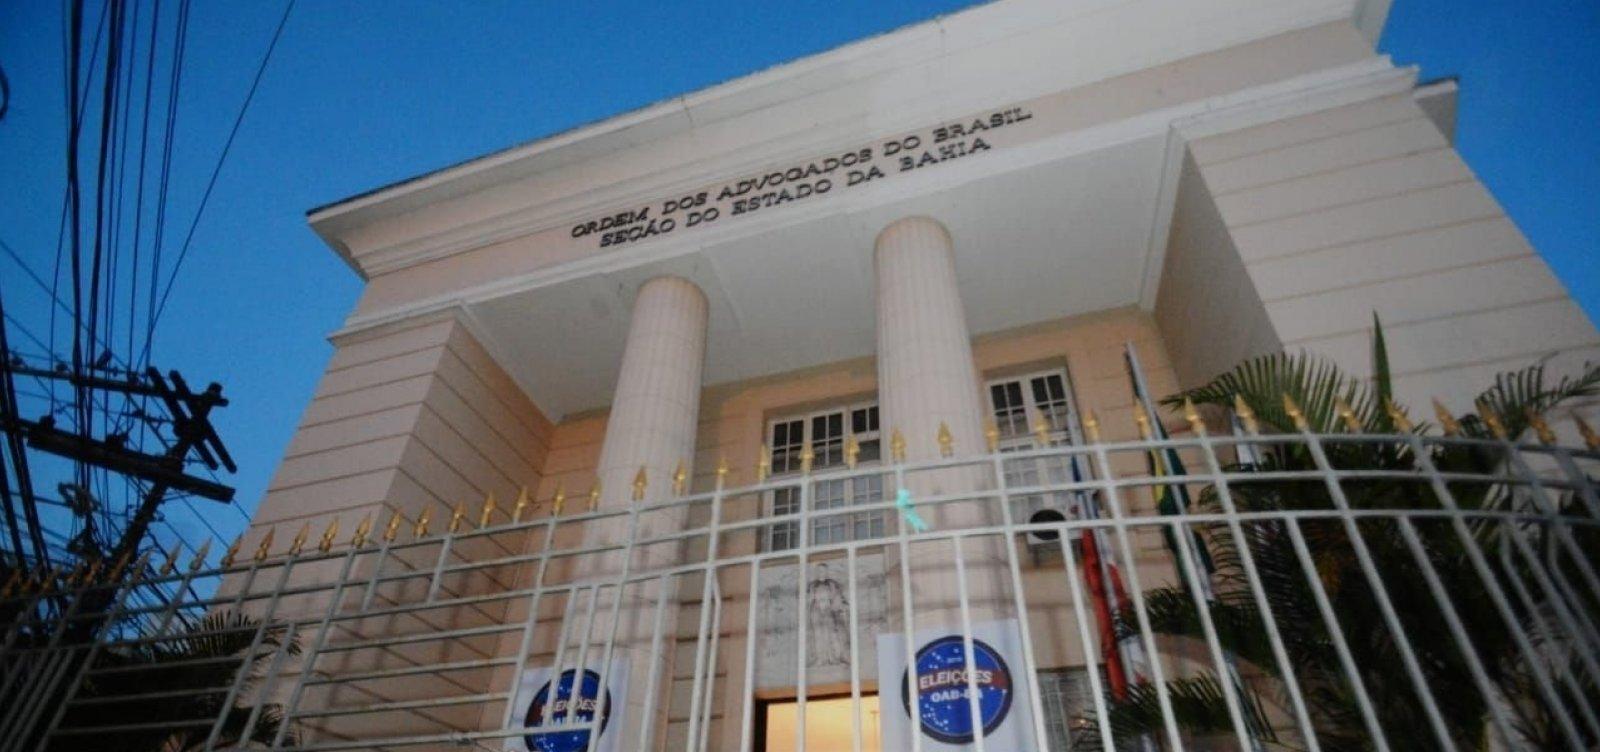 Operação Faroeste: advogado deve completar uma semana preso em sala irregular